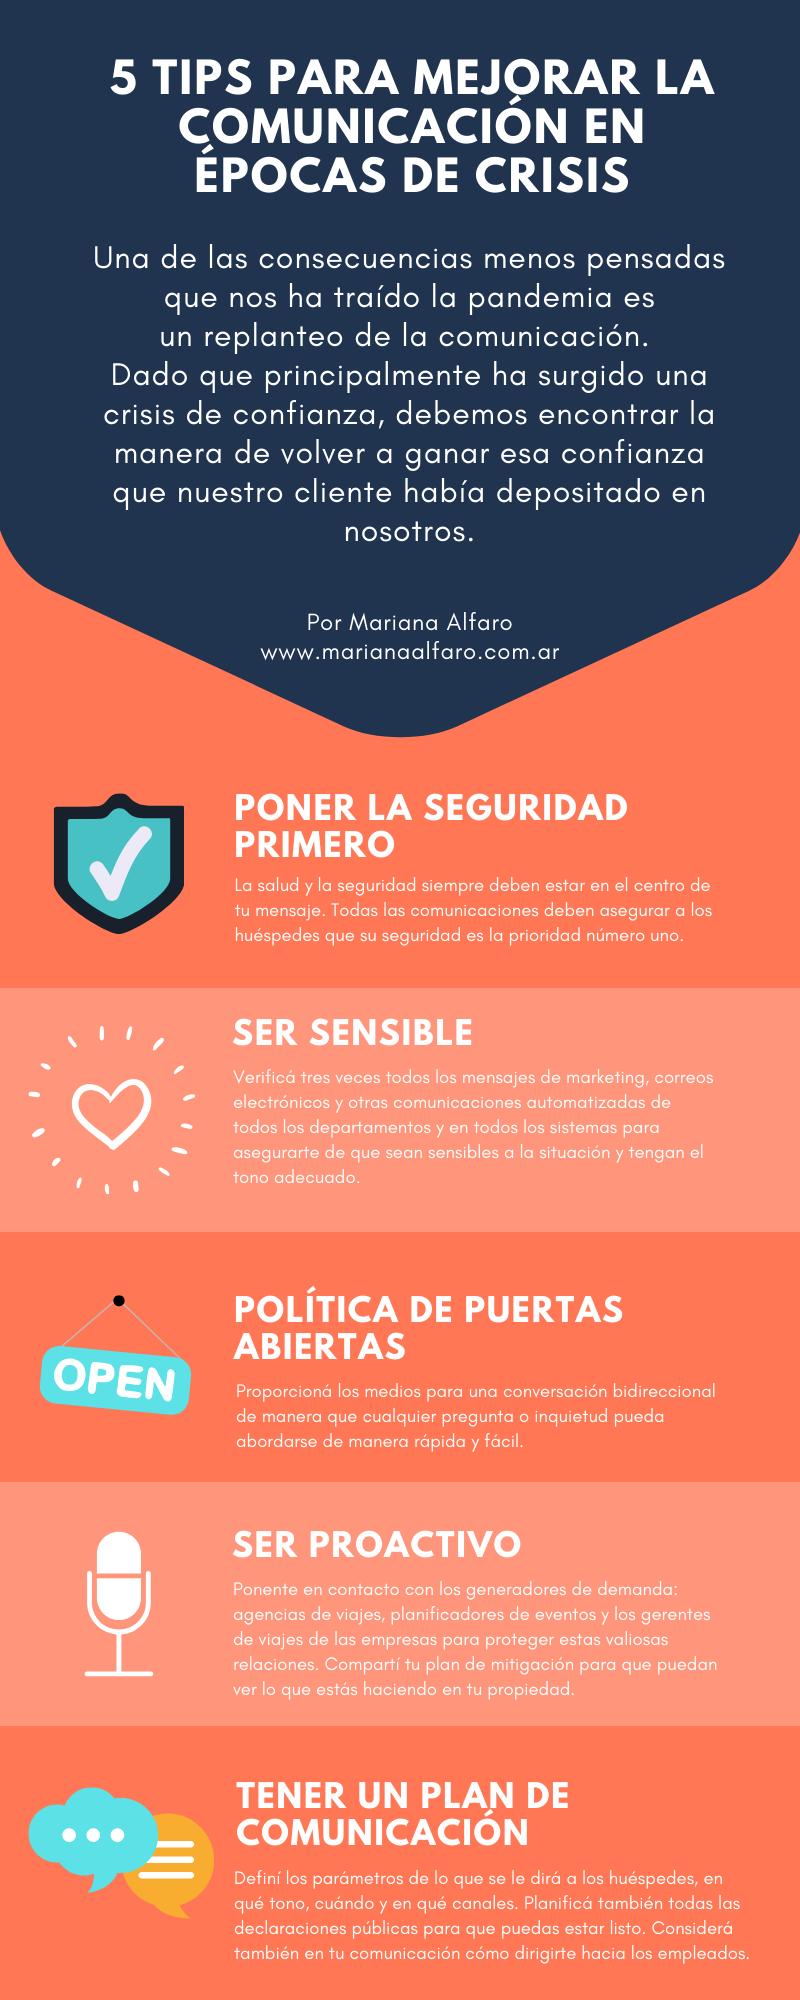 5 tips para mejorar la Comunicación en épocas de crisis